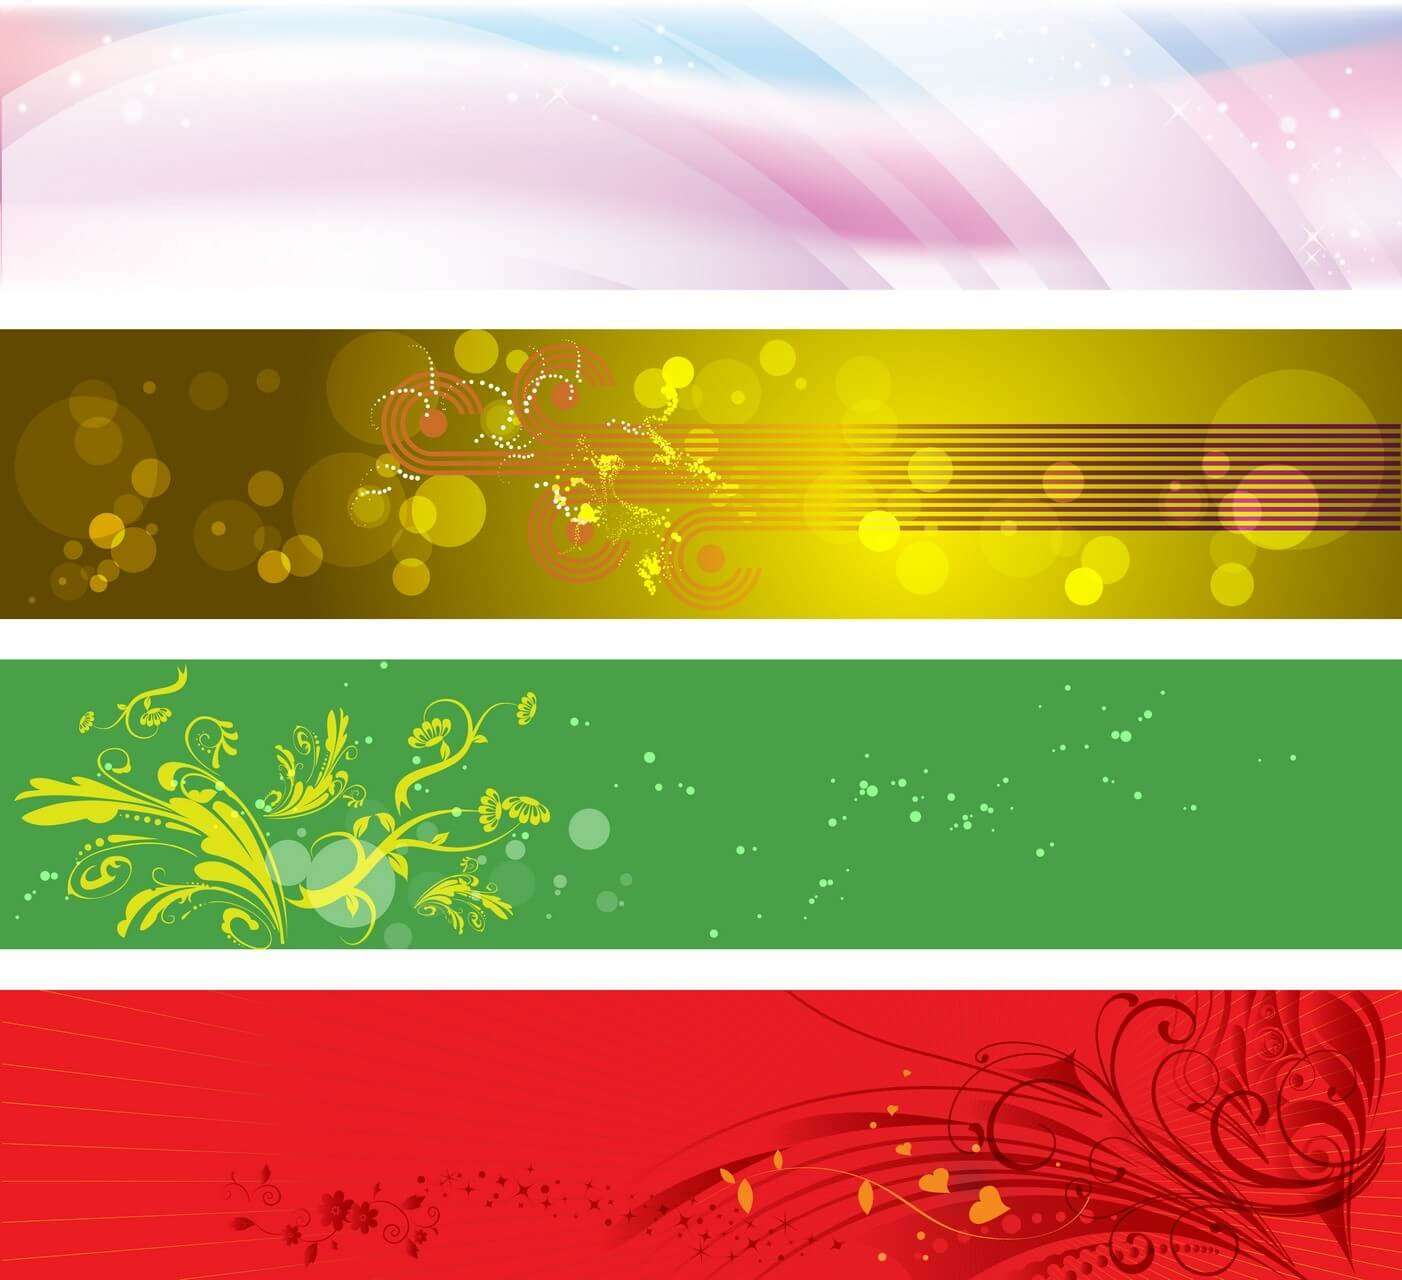 Design banner free download - Banner 26